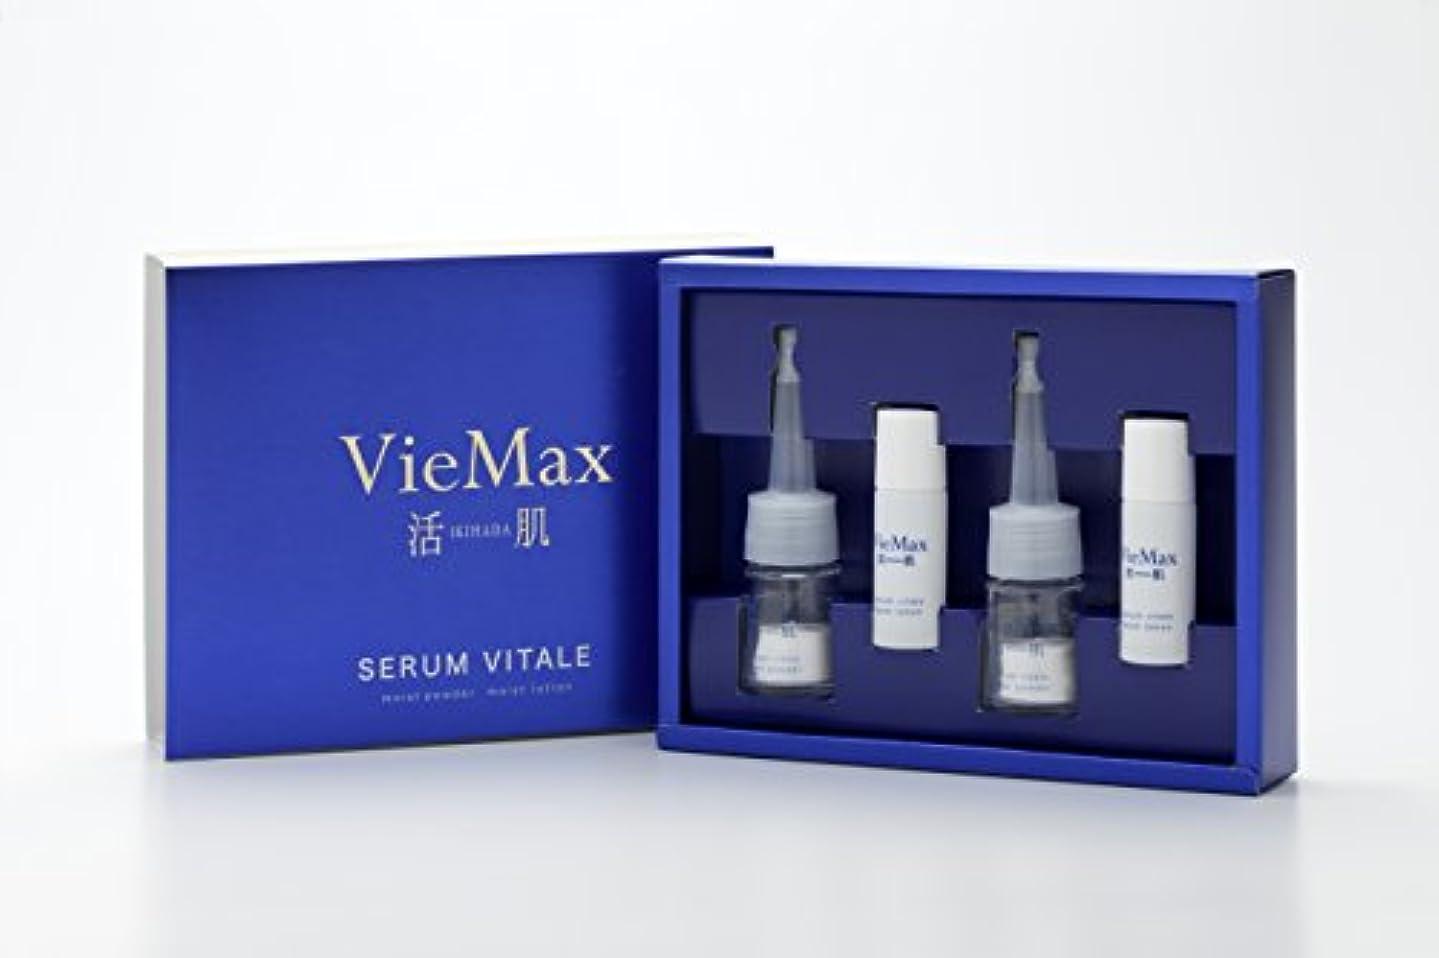 移民ベッツィトロットウッド代替VieMax活肌セラムヴィターレ(生コラーゲン美容液)2セット入り